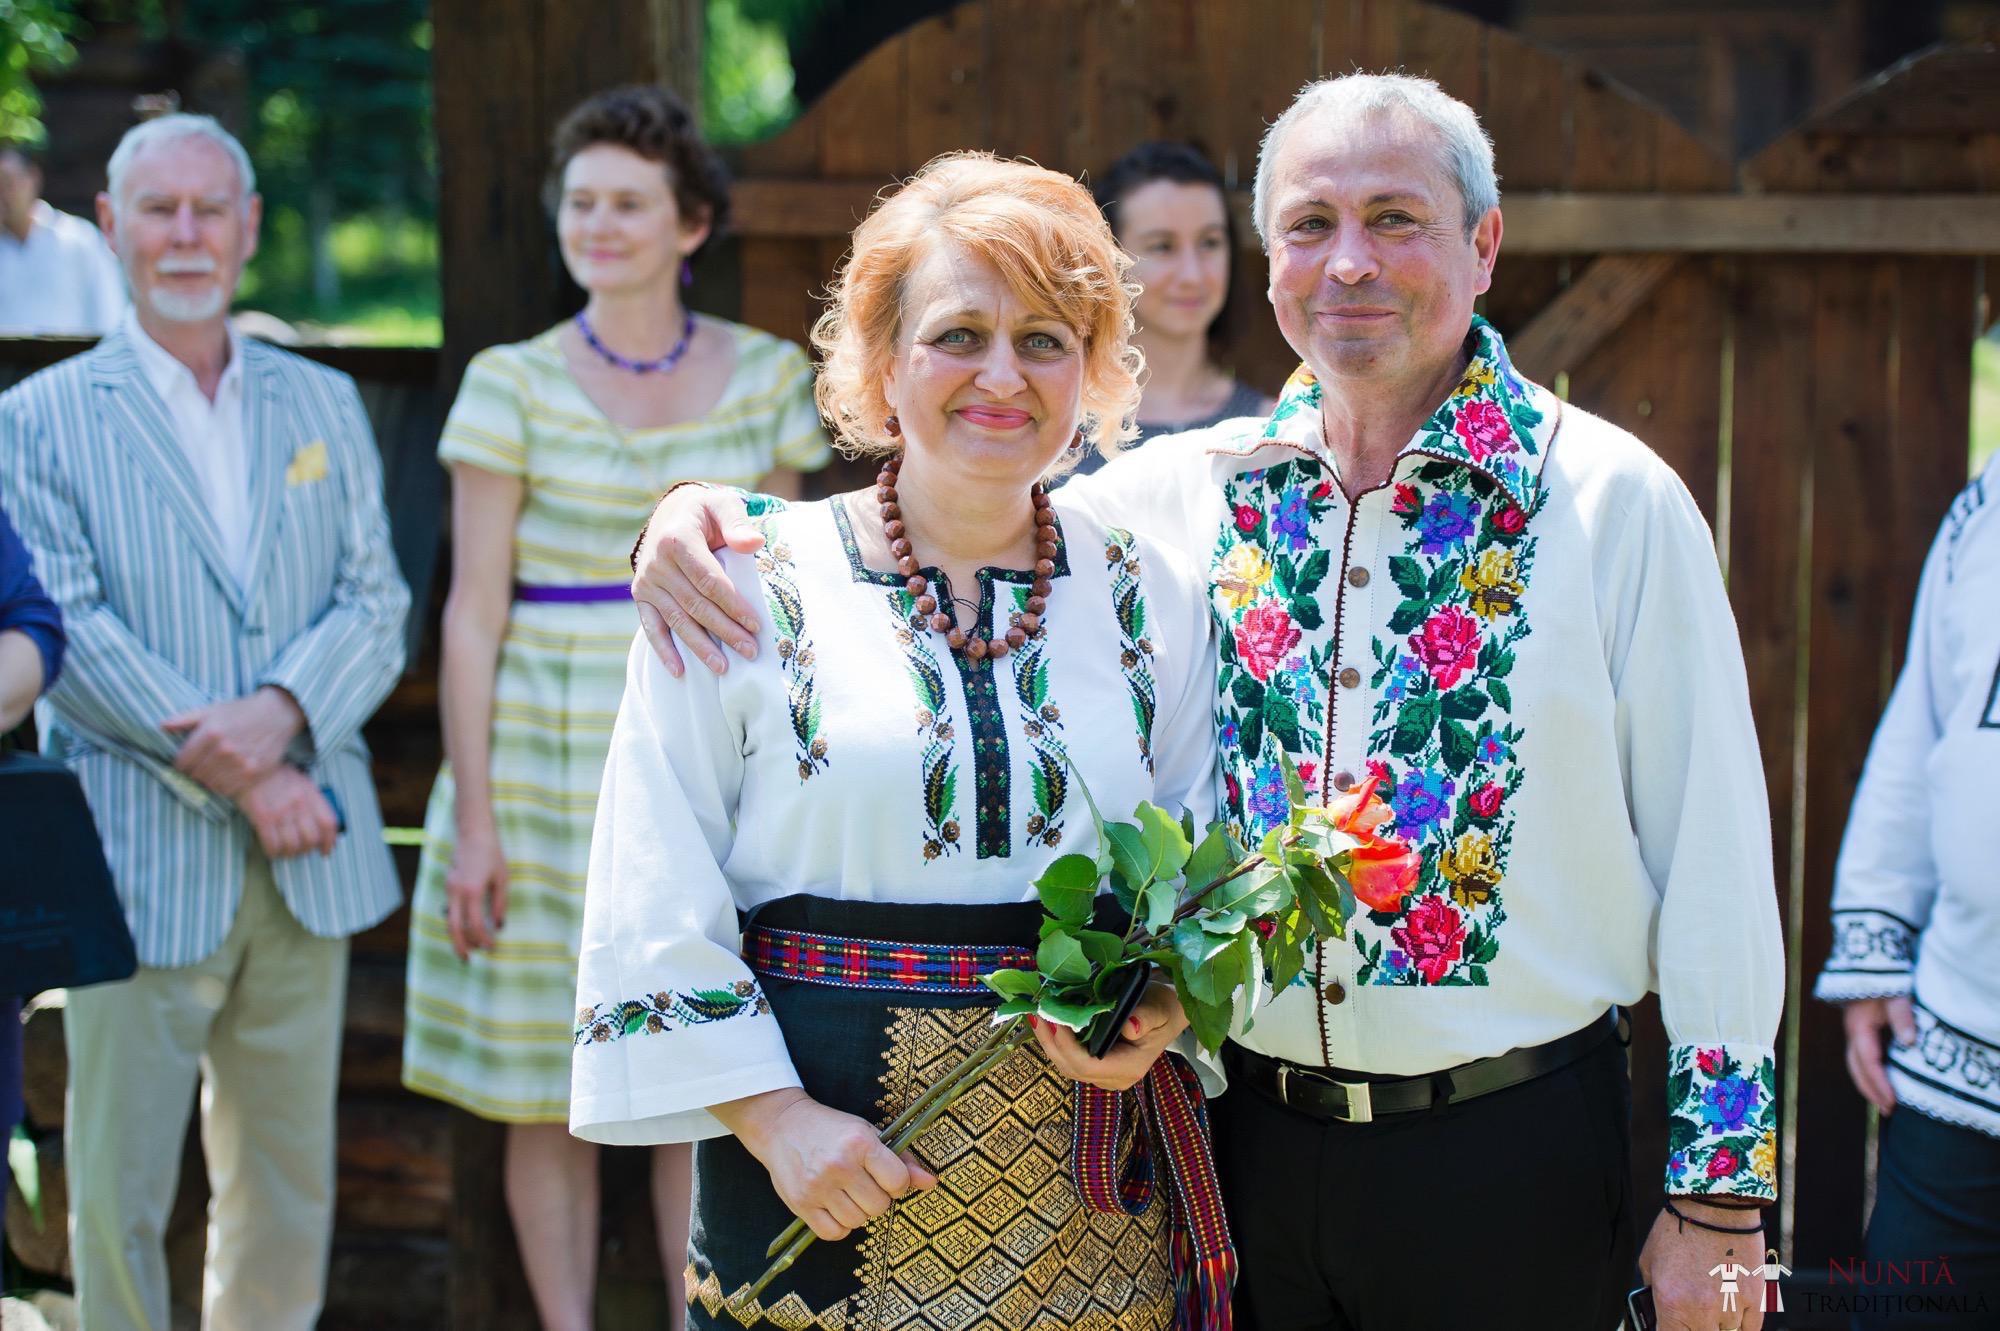 Povești Nunți Tradiționale - Gabriela și Mădălin - Nuntă Tradițională în Suceava, Bucovina 101